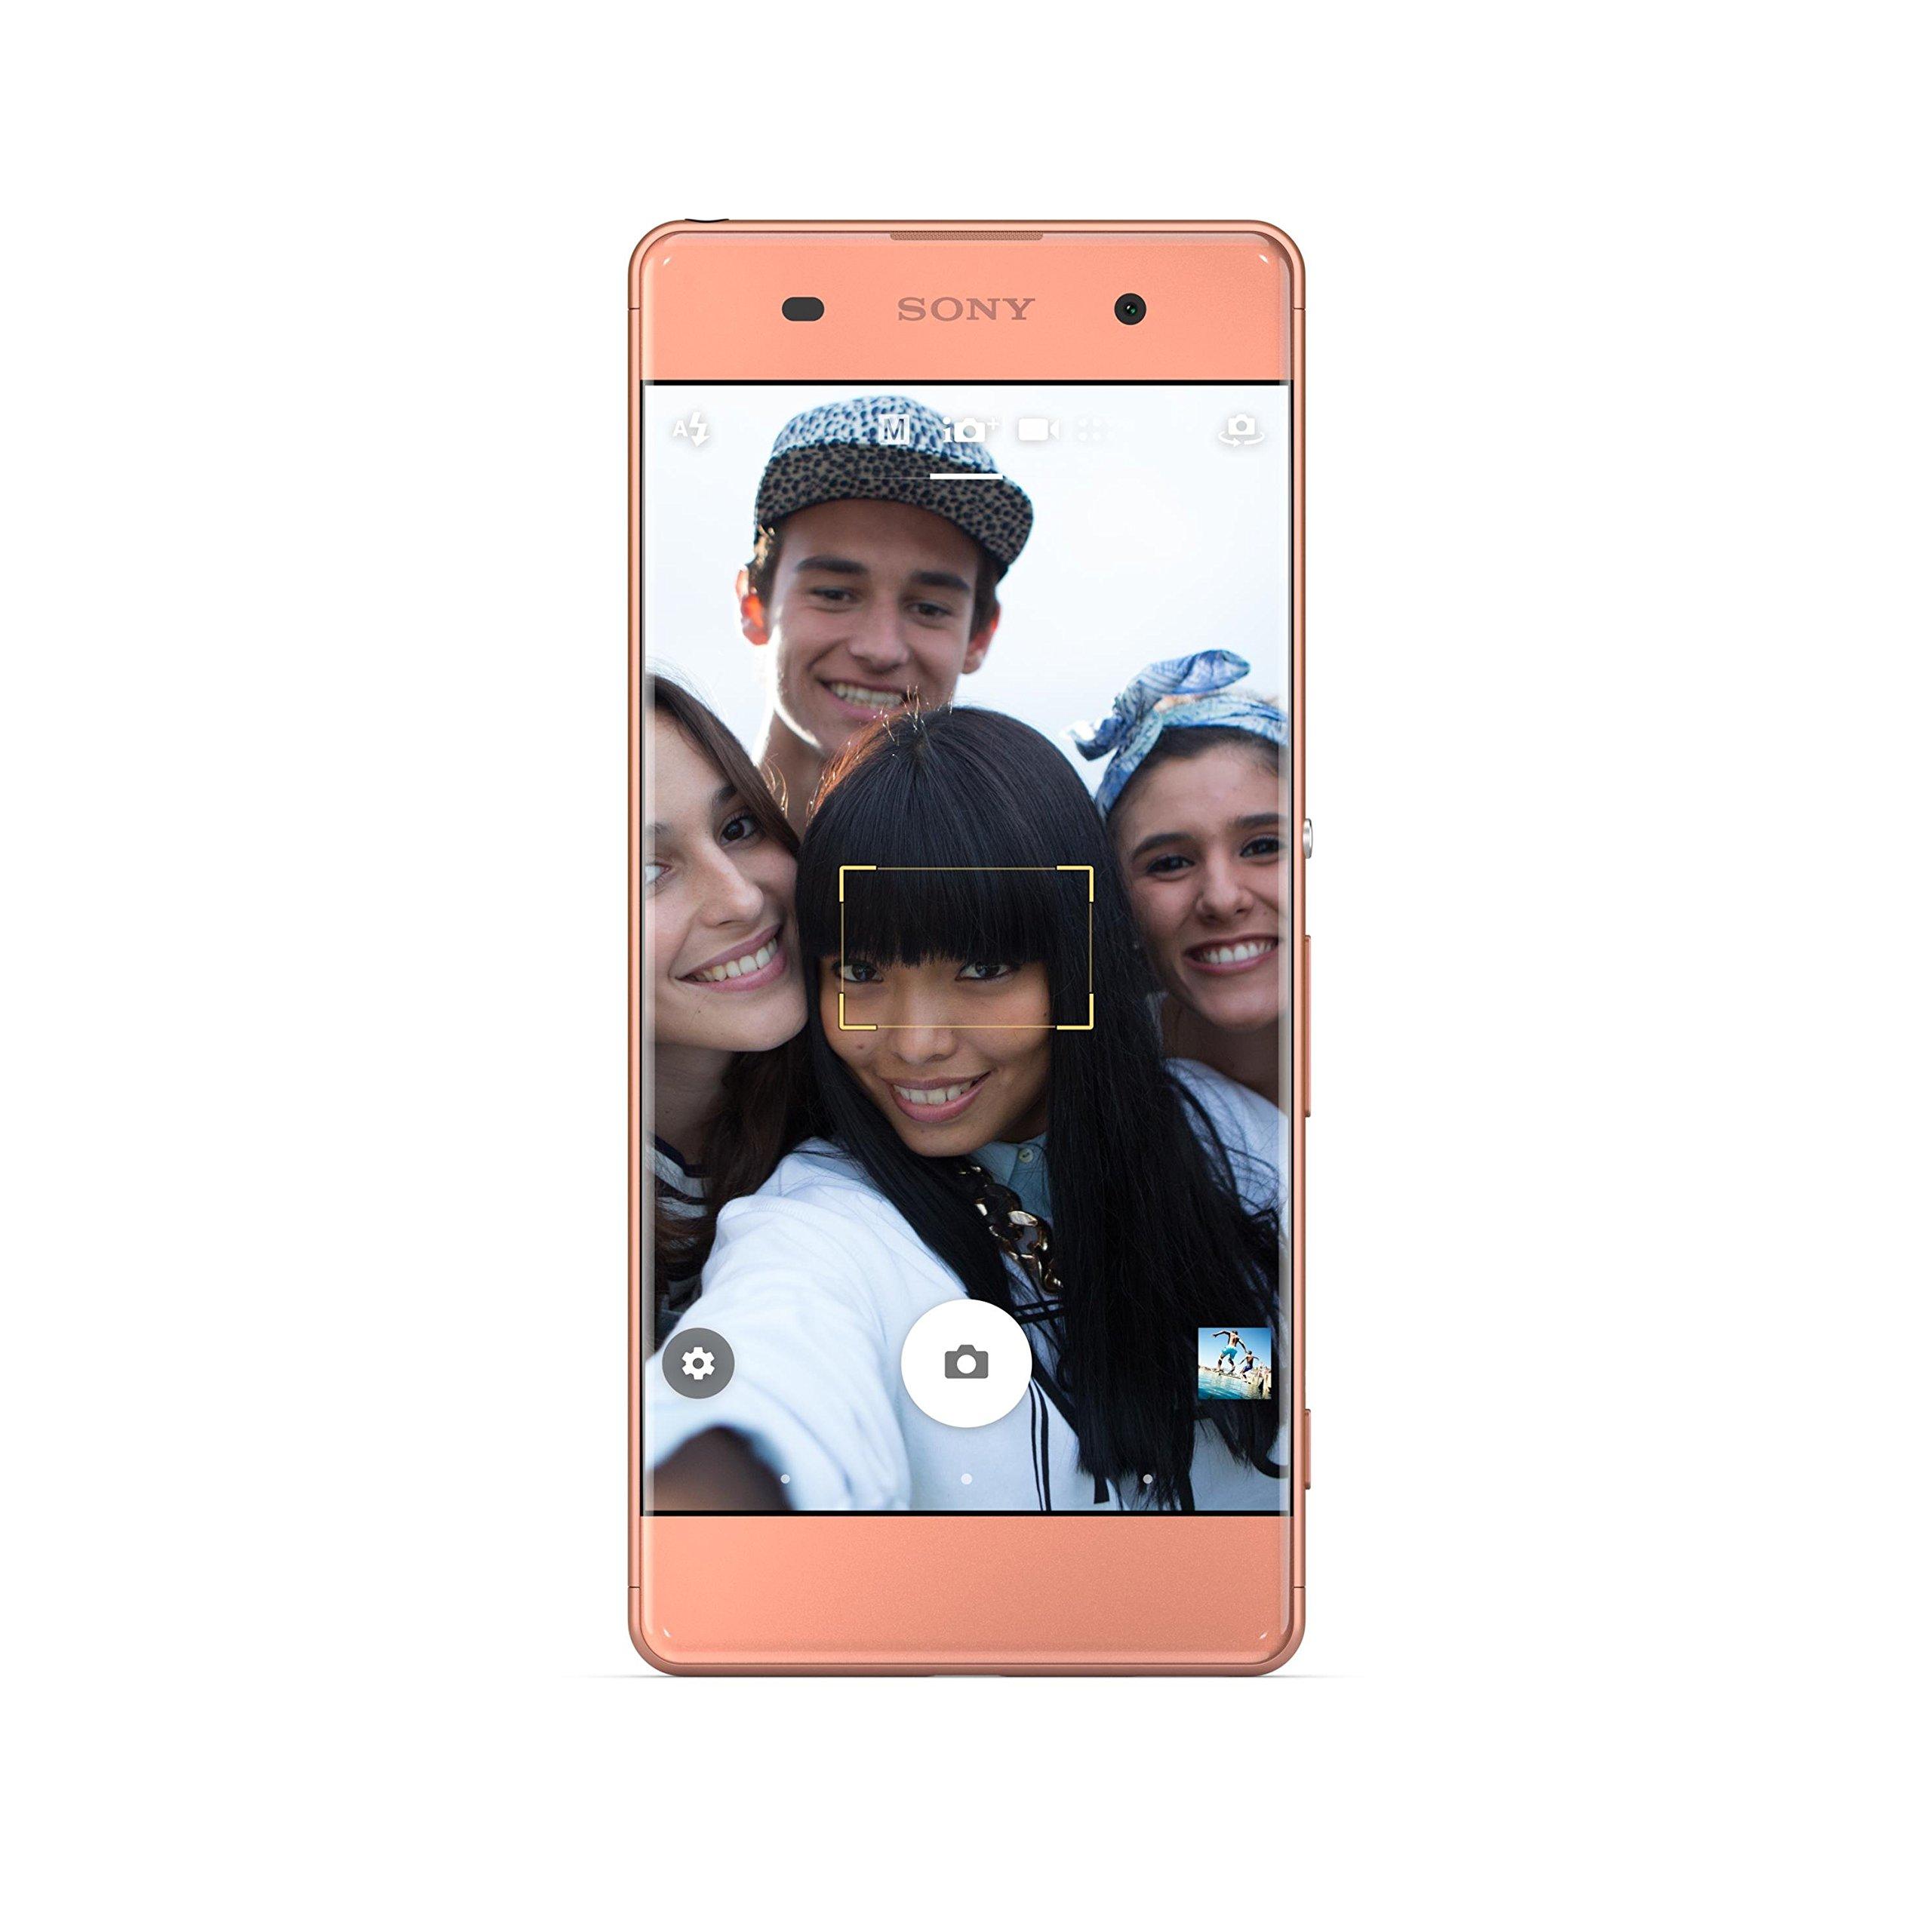 Sony Xperia XA unlocked smartphone,16GB Rose Gold (US Warranty) by Sony (Image #3)